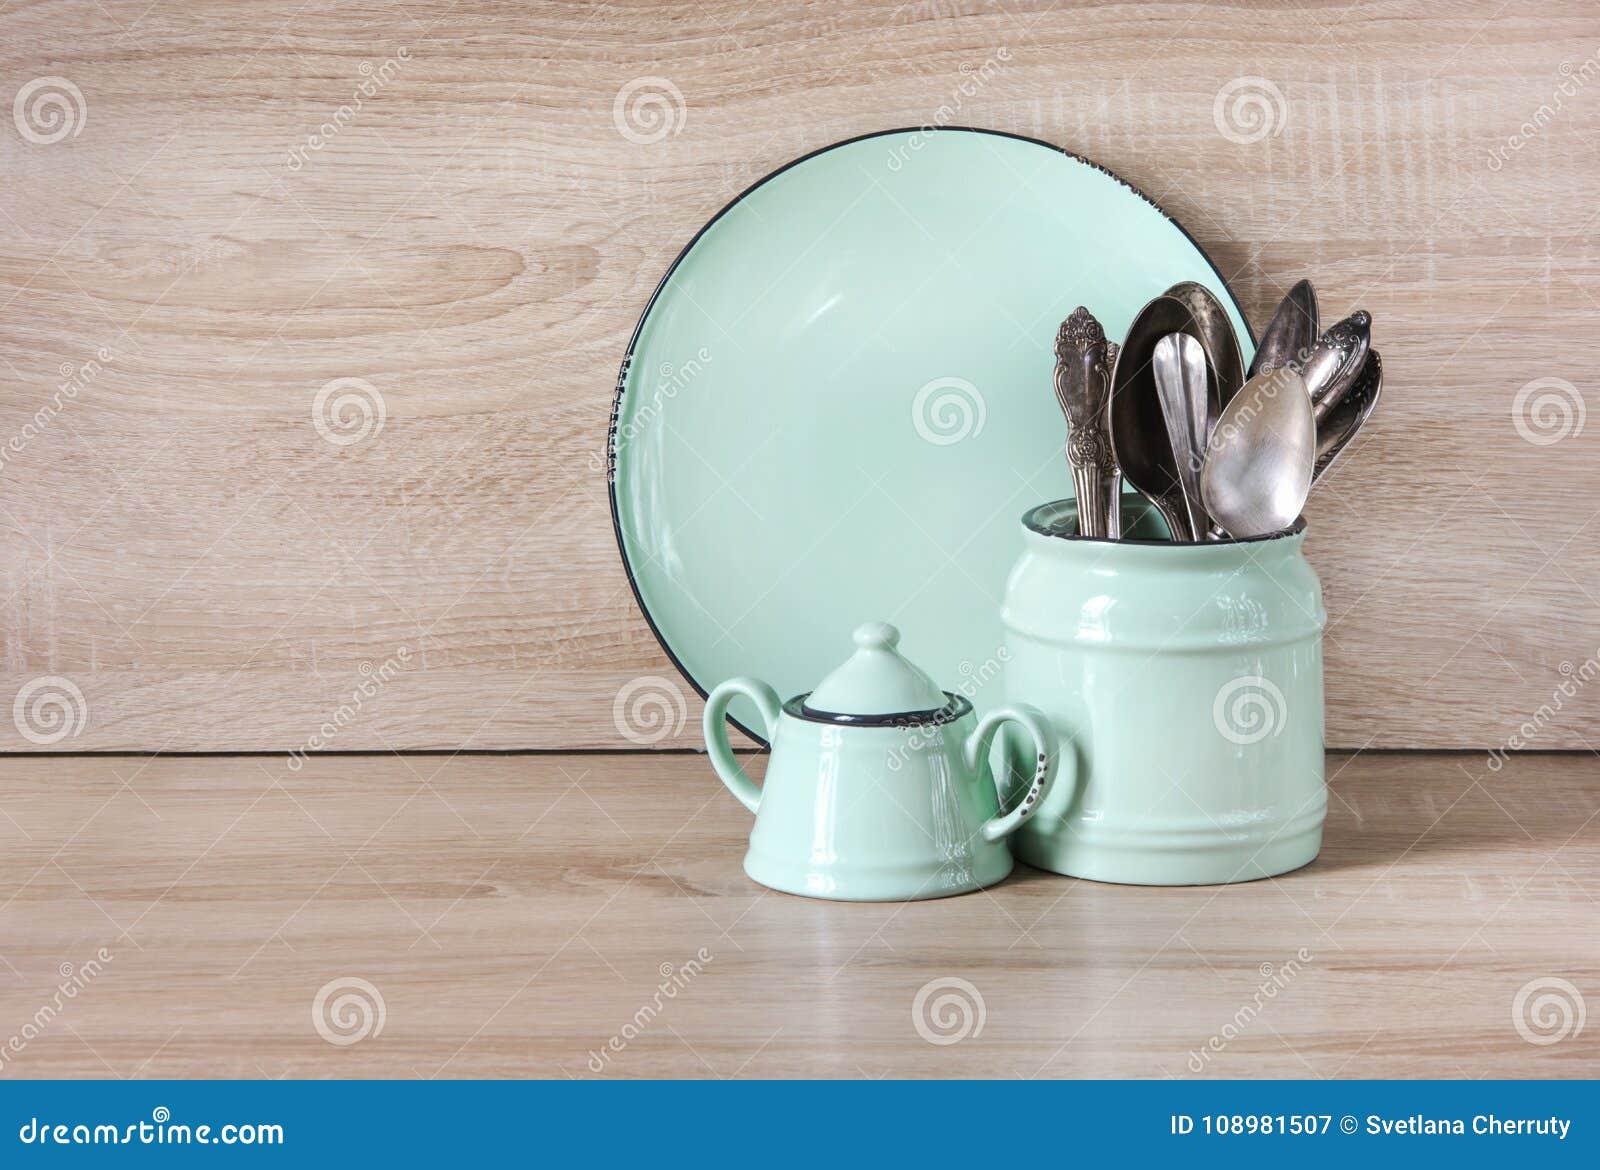 Turkoslerkärl, bordsservis, dishwareredskap och material på träbordsskiva Kökstilleben som bakgrund för design